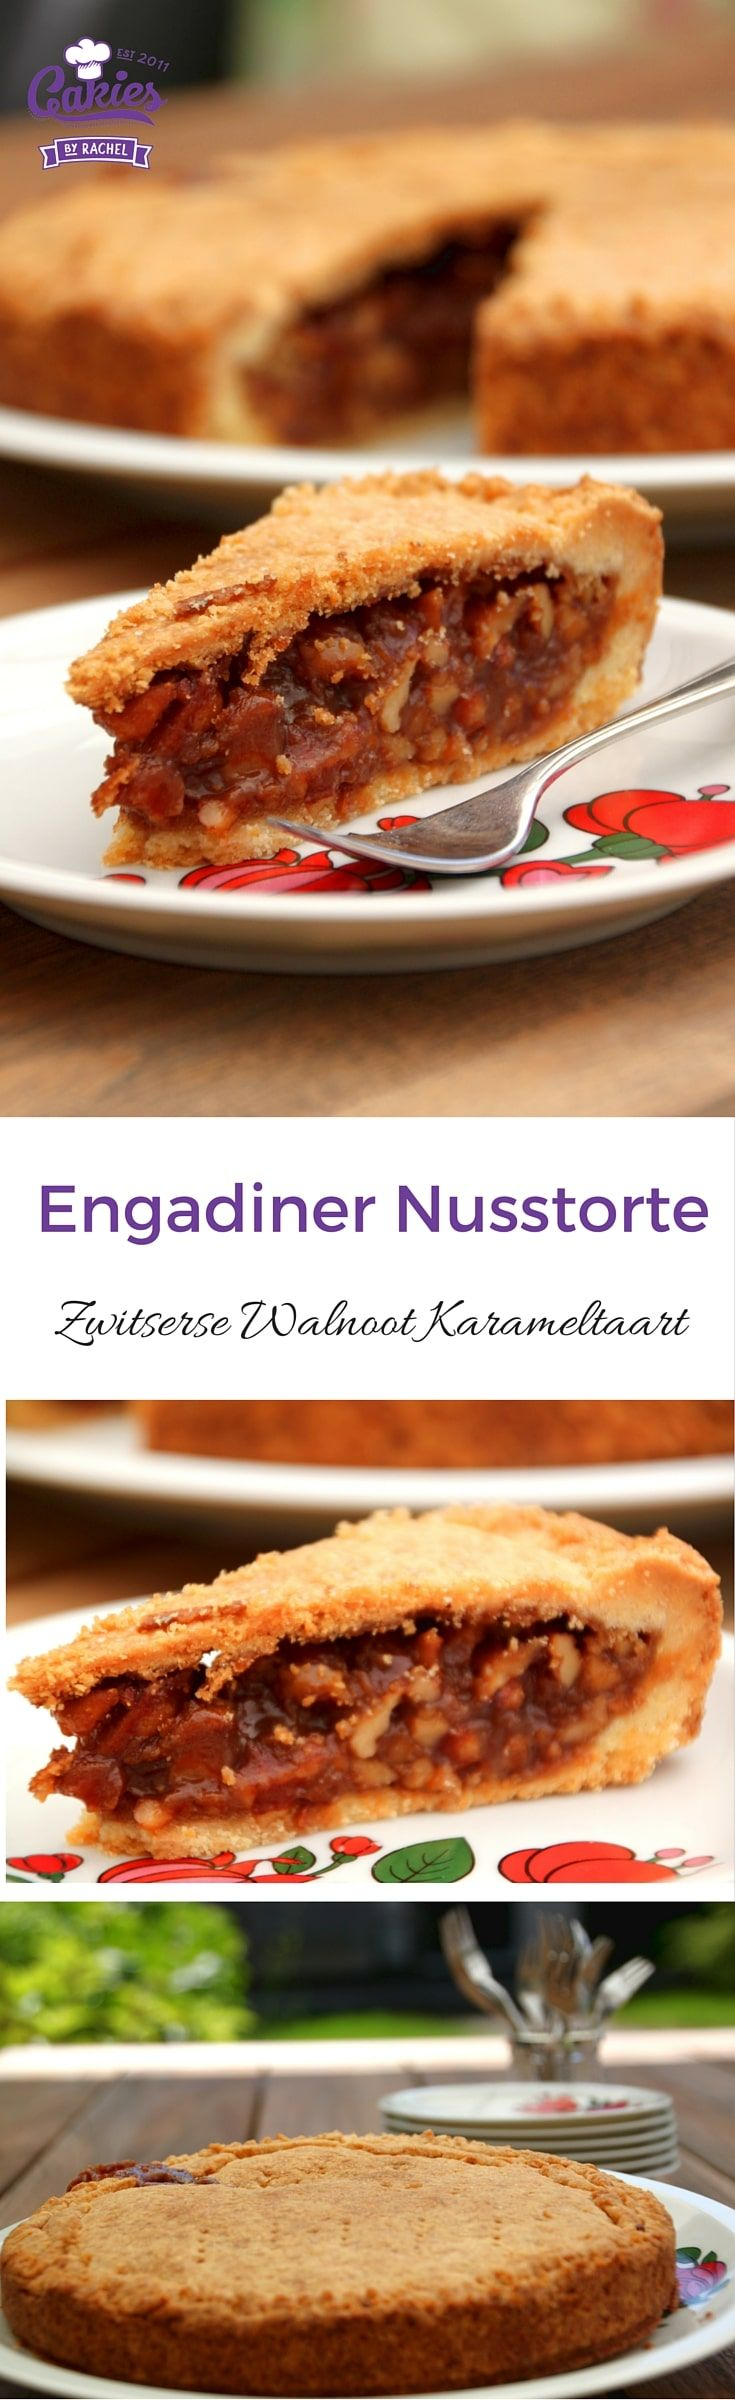 Een recept voor Engadiner Nusstorte, een Zwitserse notentaart. zanddeeg gevuld met walnoten in een dikke karamel saus. Een echte traktatie.